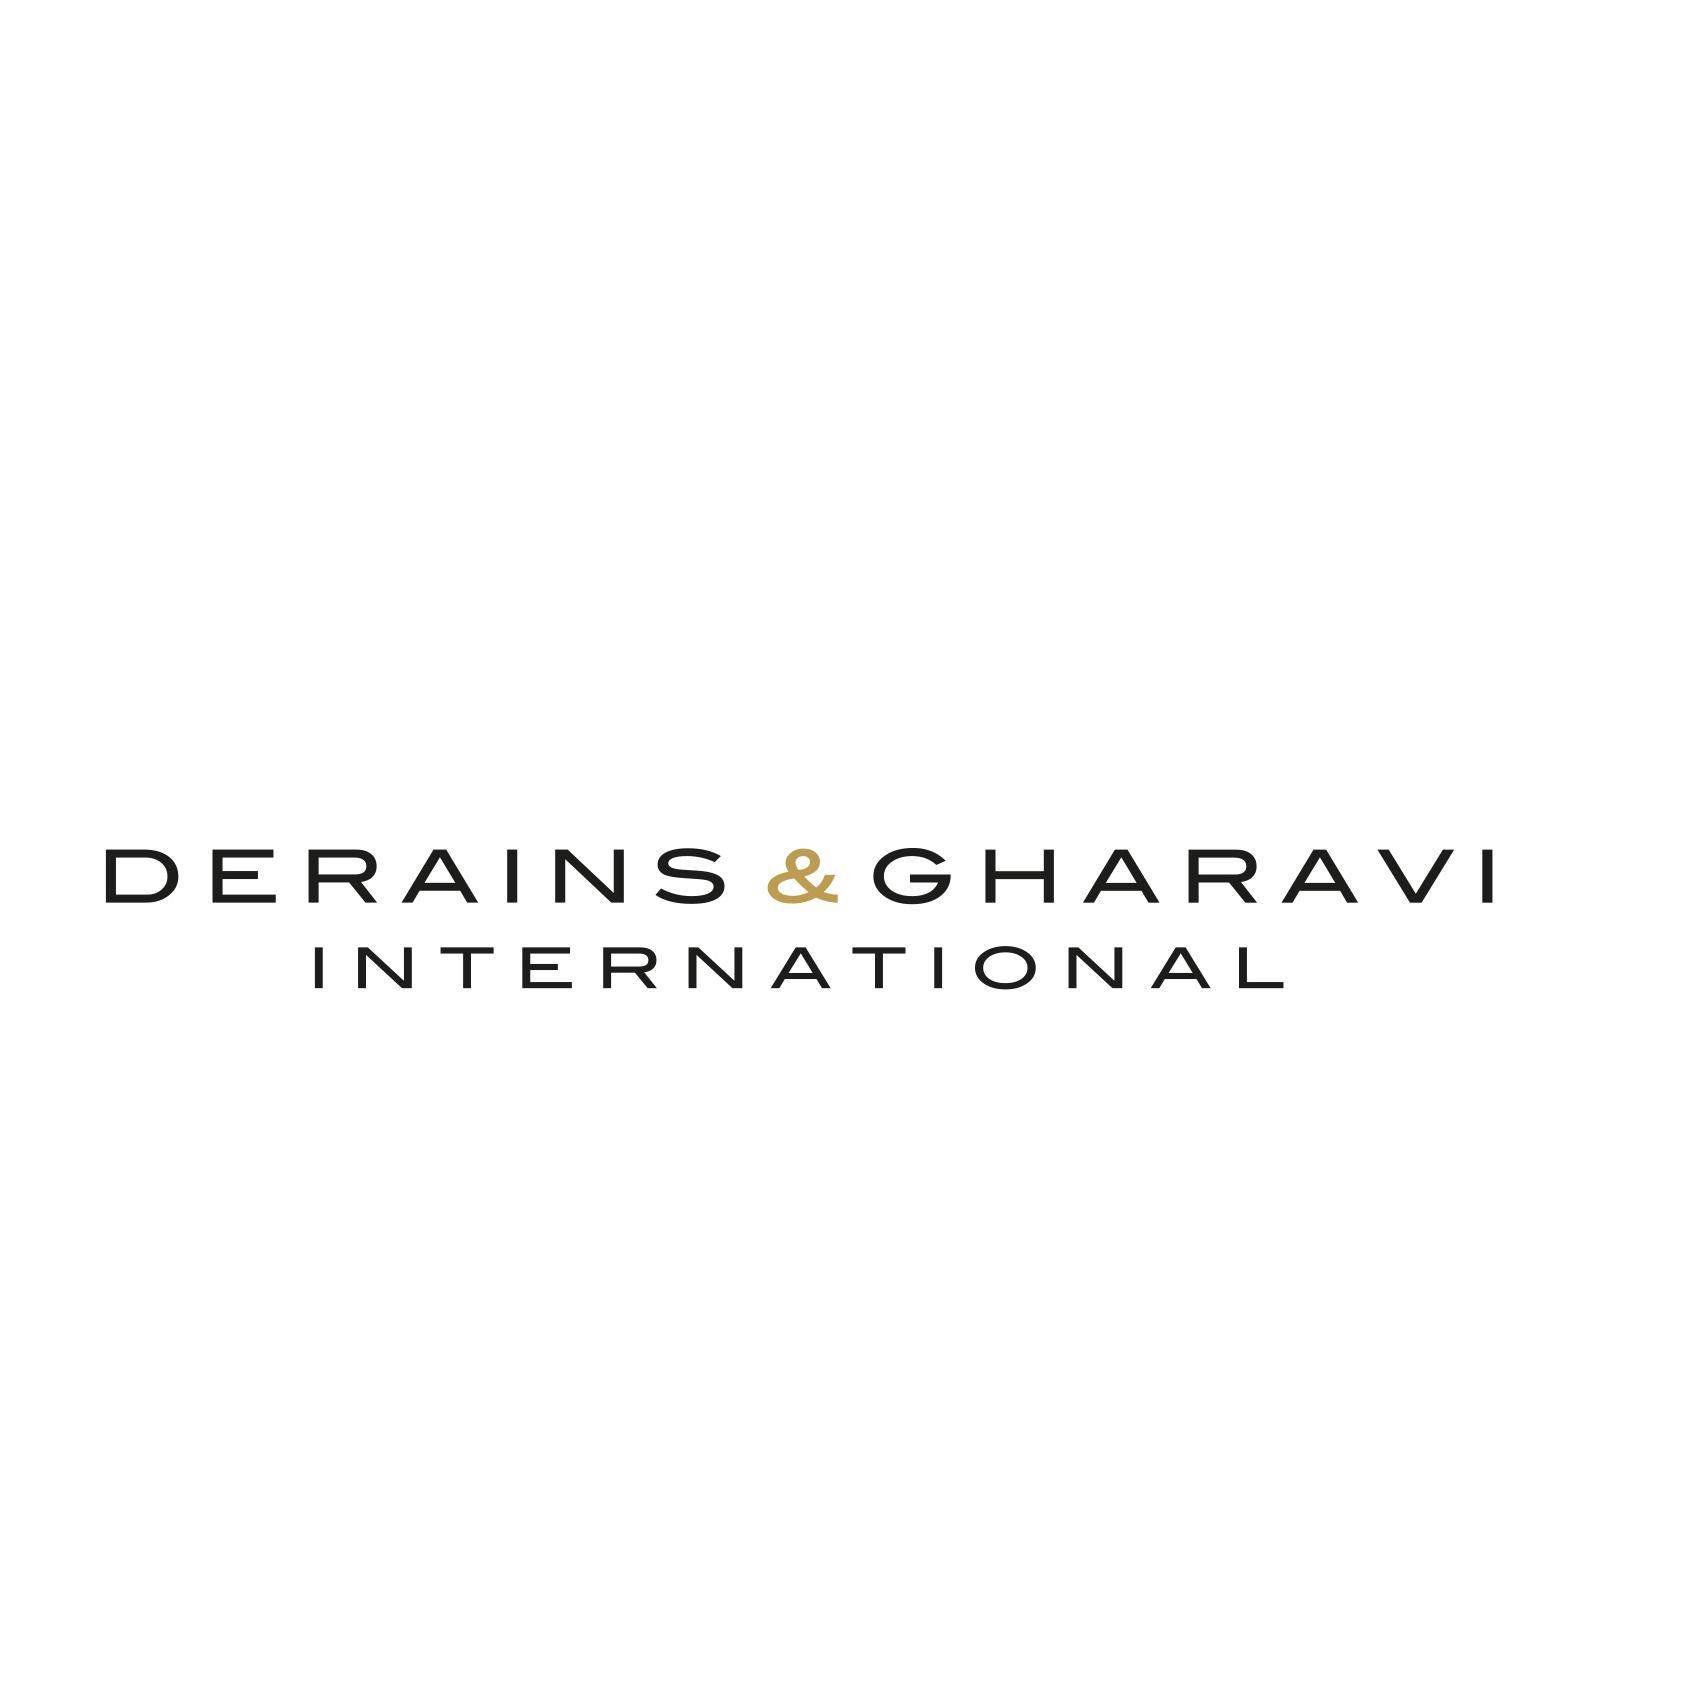 the Derains & Gharavi logo.